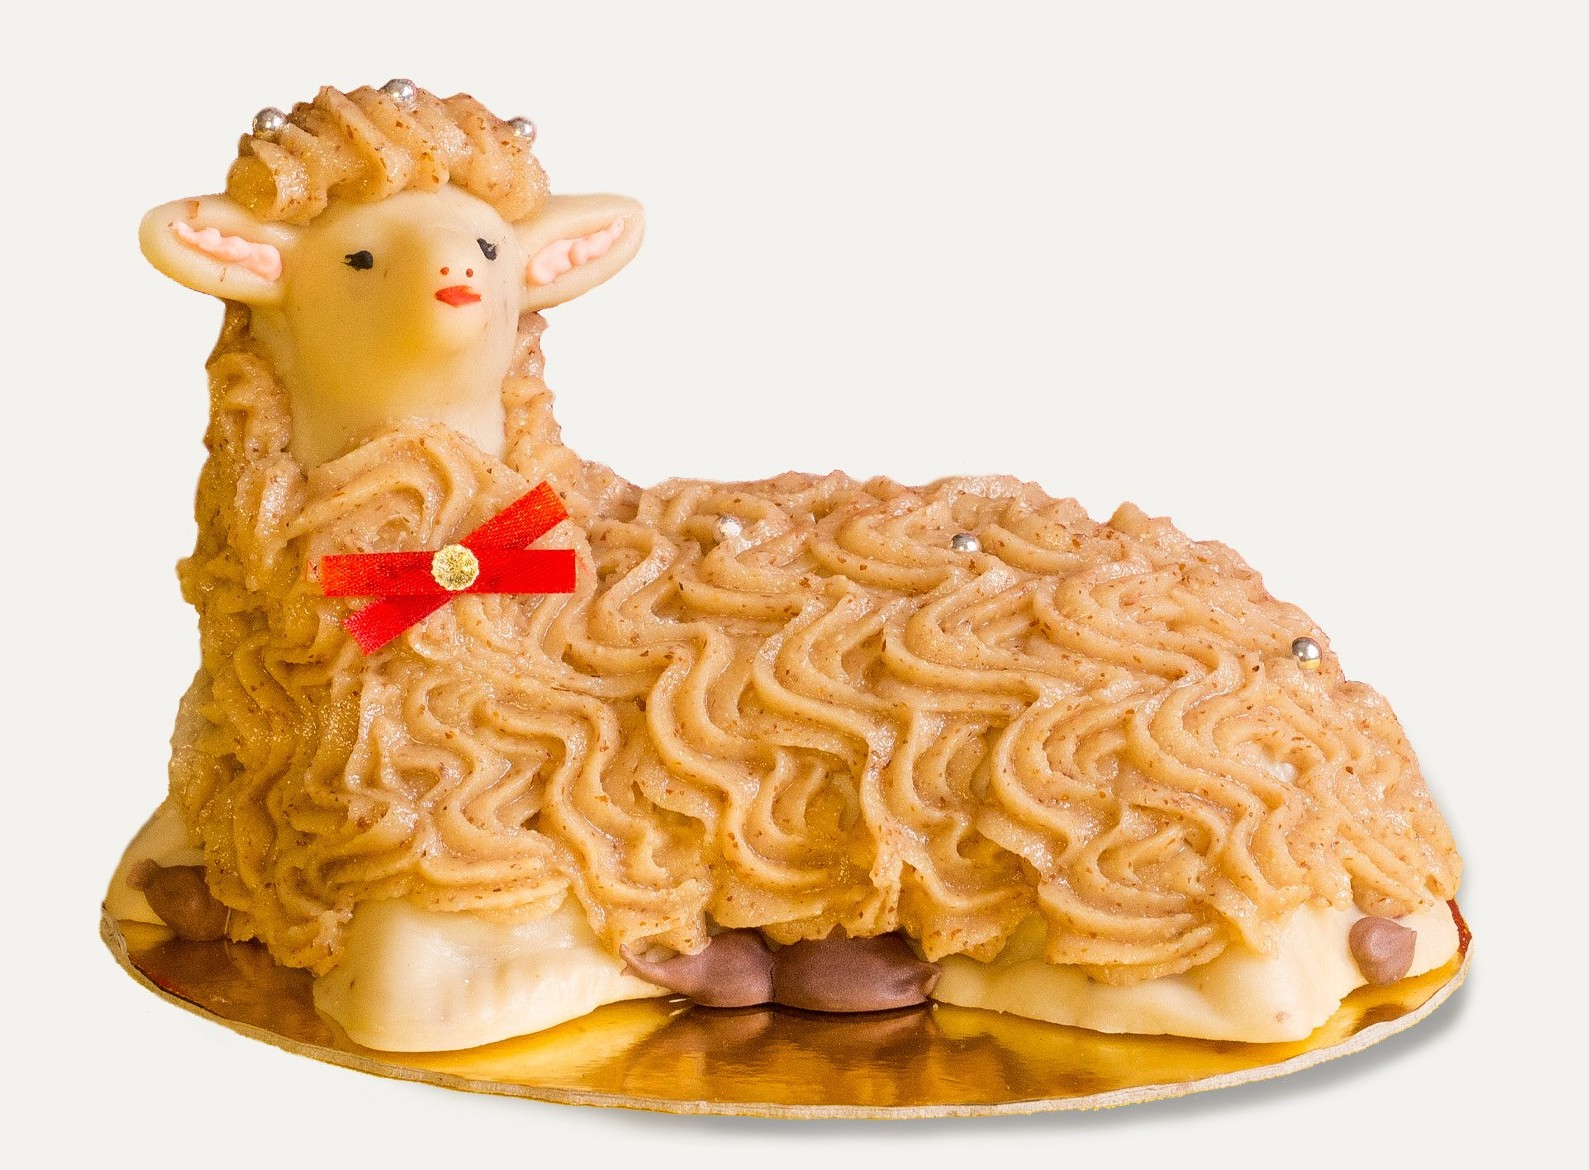 L' agnello pasquale, dolce tradizione siciliana di pasta di mandorle